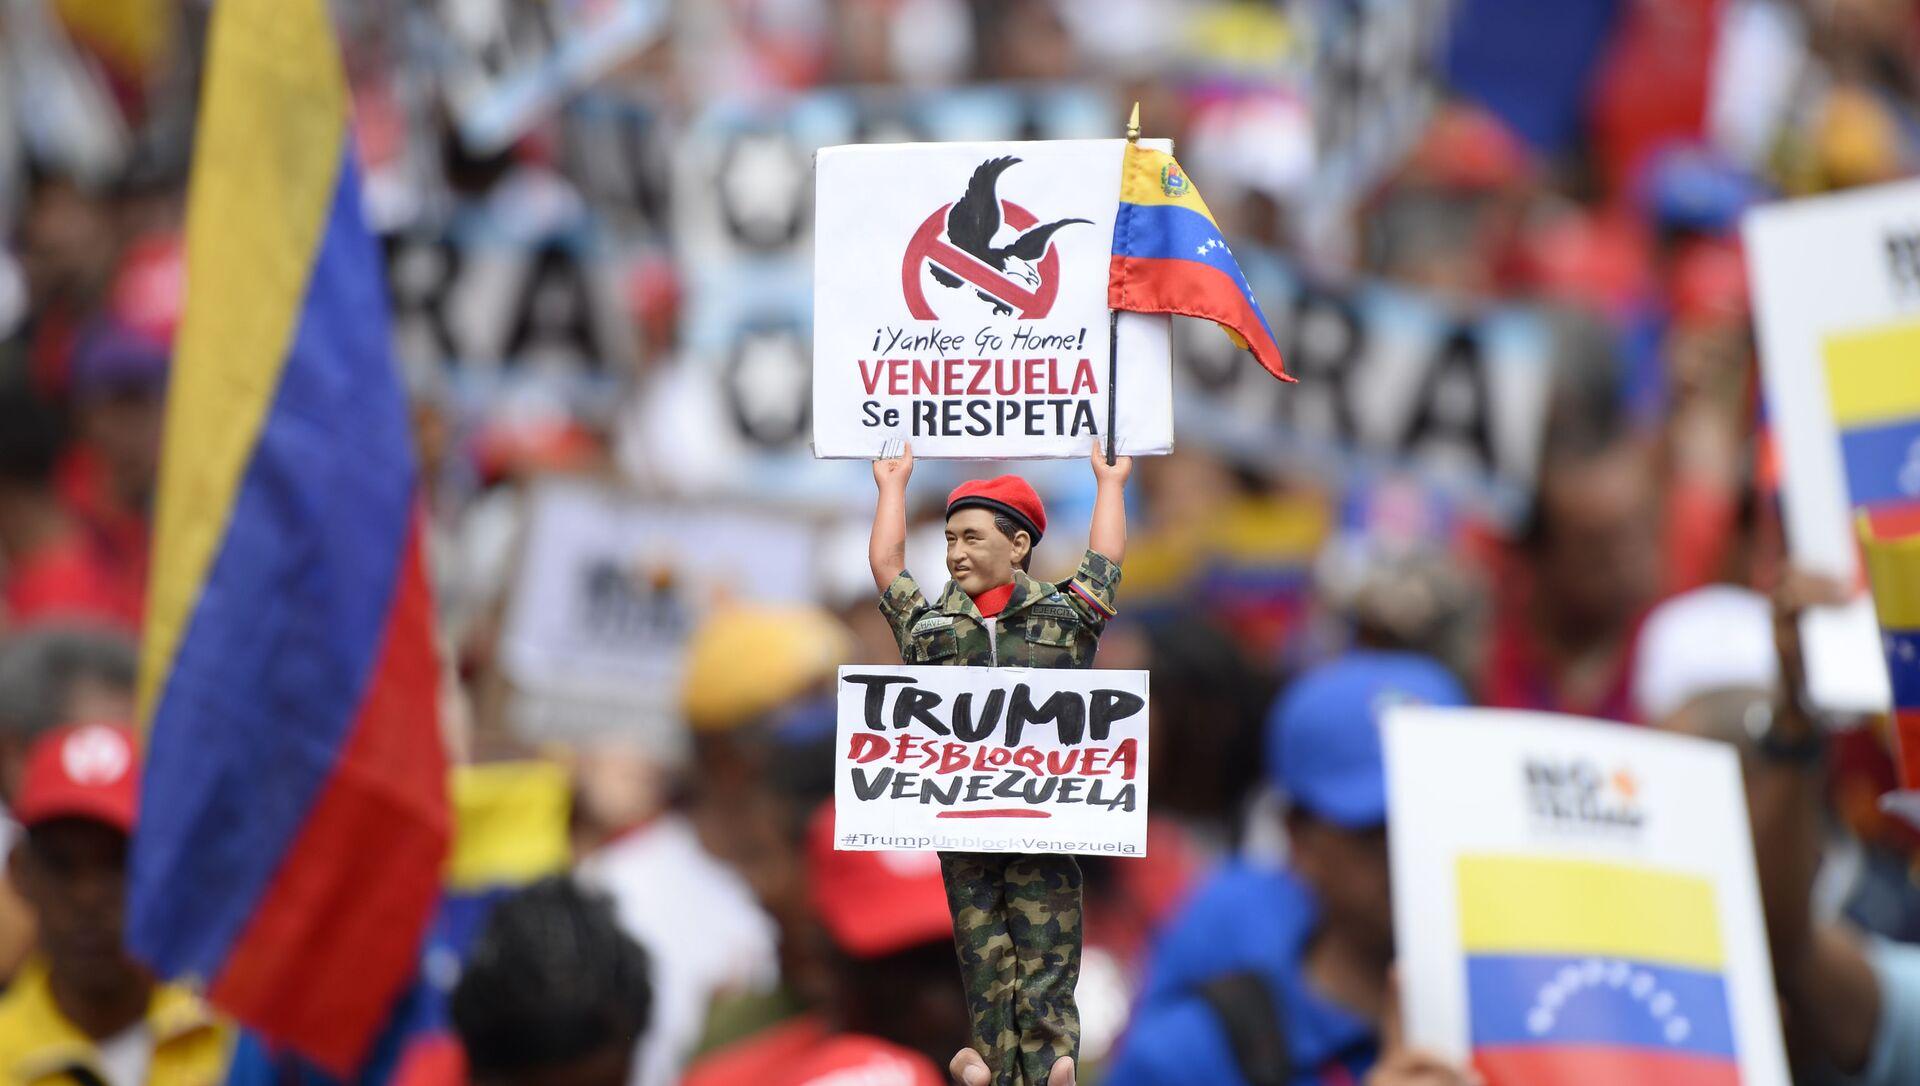 Manifestación en apoyo al presidente Nicolás Maduro y en contra del imperialismo estadounidense. Caracas,  31 de agosto de 2019. - Sputnik Mundo, 1920, 03.12.2020